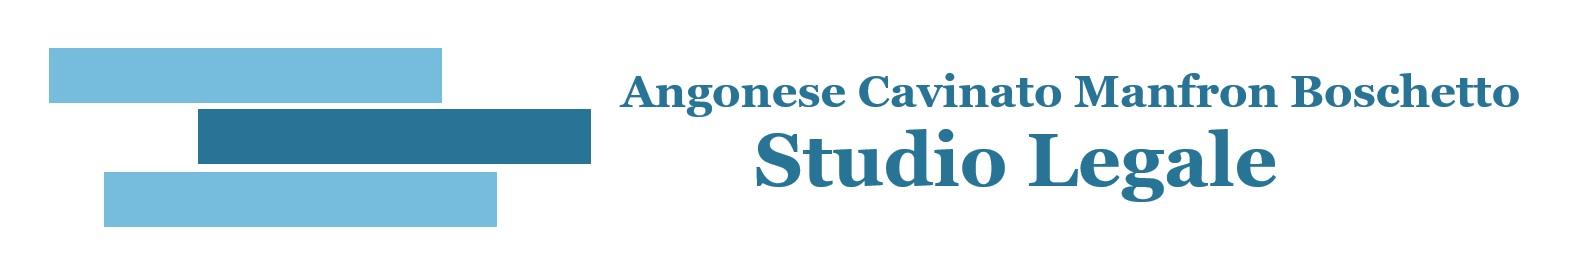 Studio Legale ACM - Avvocati Angonese Cavinato Manfron Boschetto